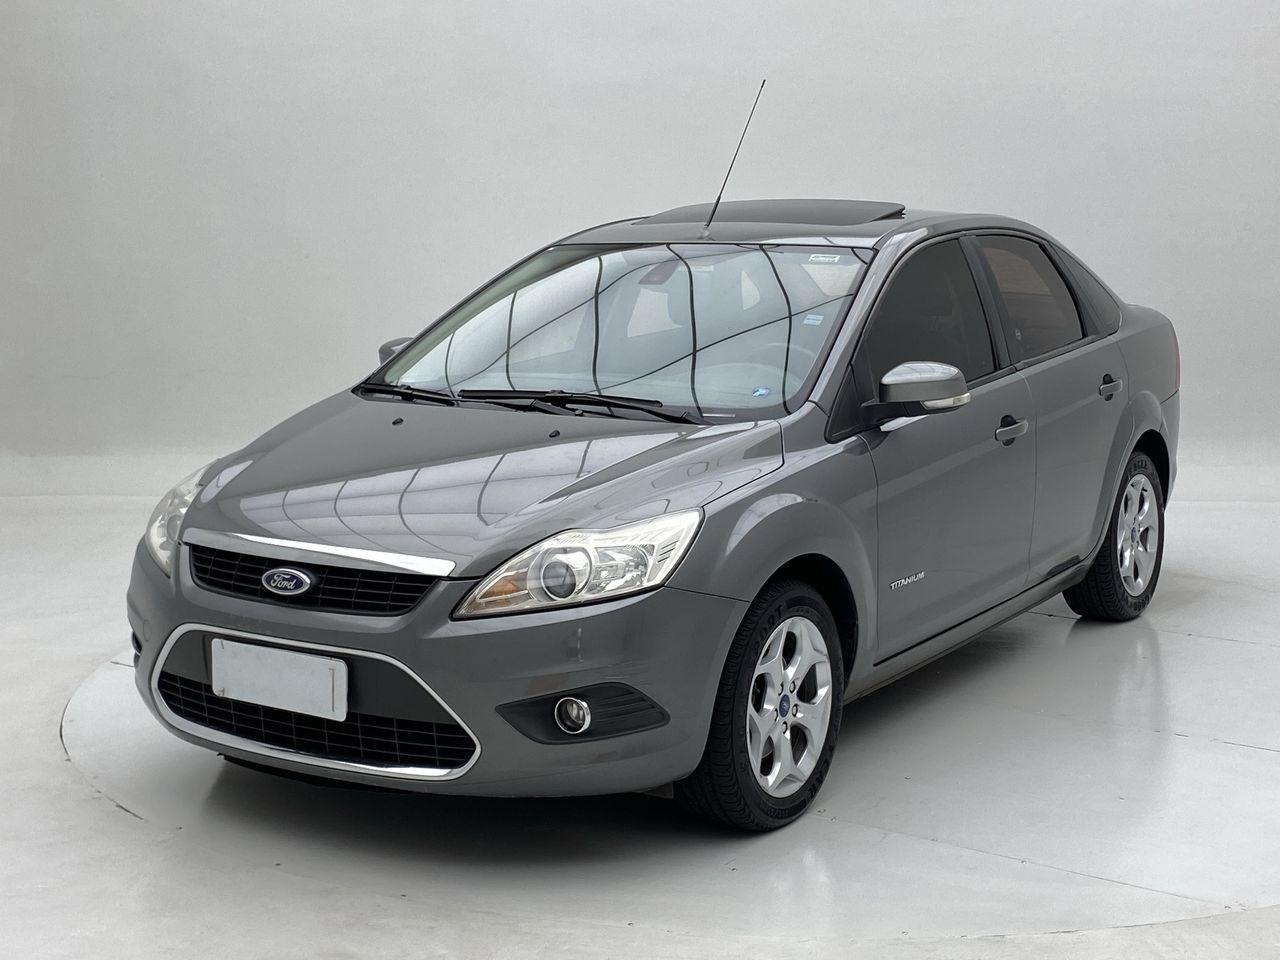 //www.autoline.com.br/carro/ford/focus-20-sedan-titanium-16v-flex-4p-automatico/2012/belo-horizonte-mg/13565624